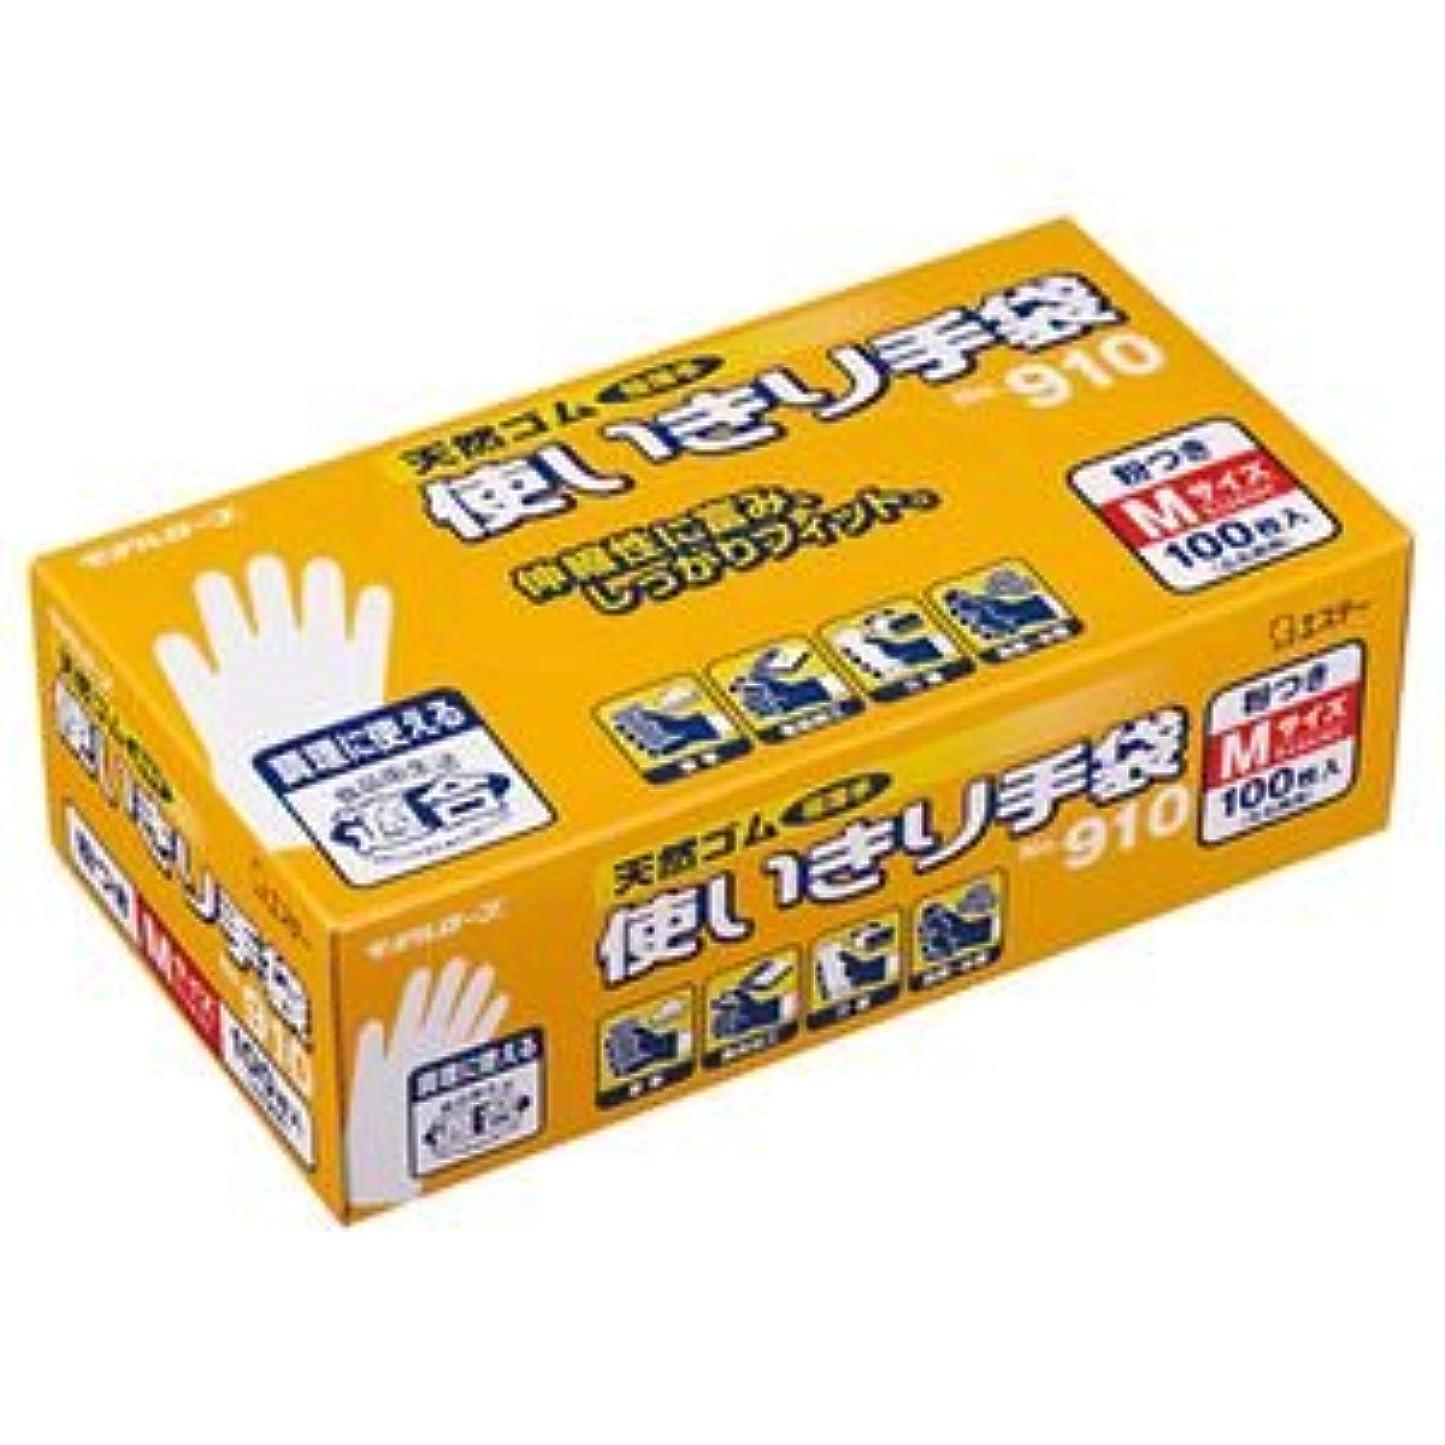 選択導入する添加剤(まとめ) エステー No.910 天然ゴム使いきり手袋(粉付) M 1箱(100枚) 【×5セット】 [簡易パッケージ品]